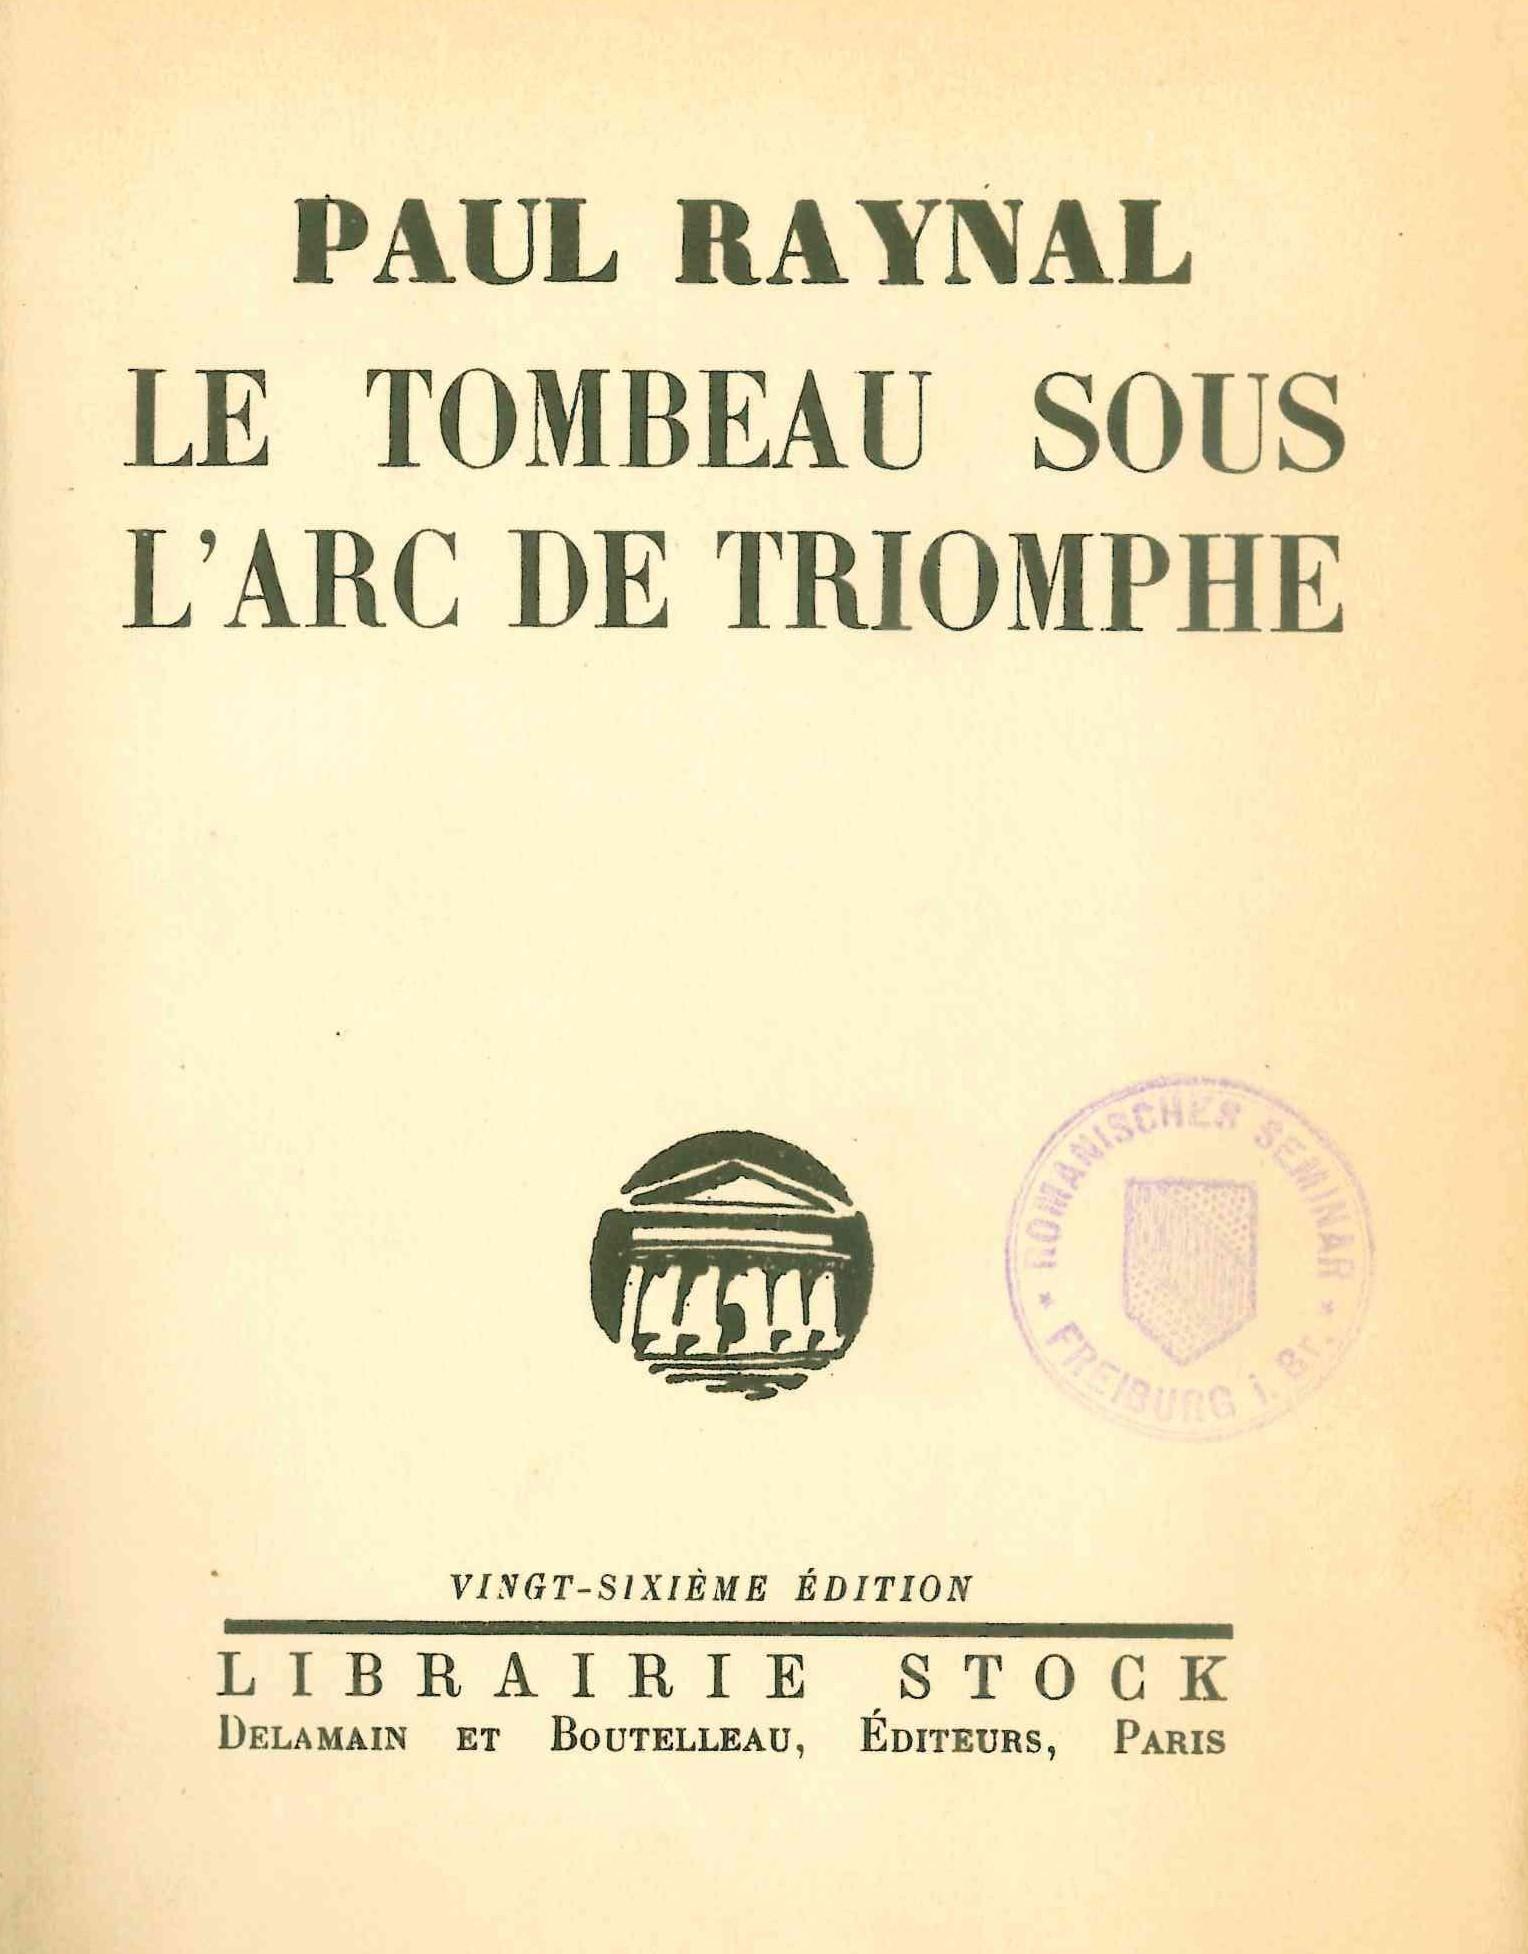 Frontispiz zu Paul Raynal: Le Tombeau sous l'Arc de Triomphe.